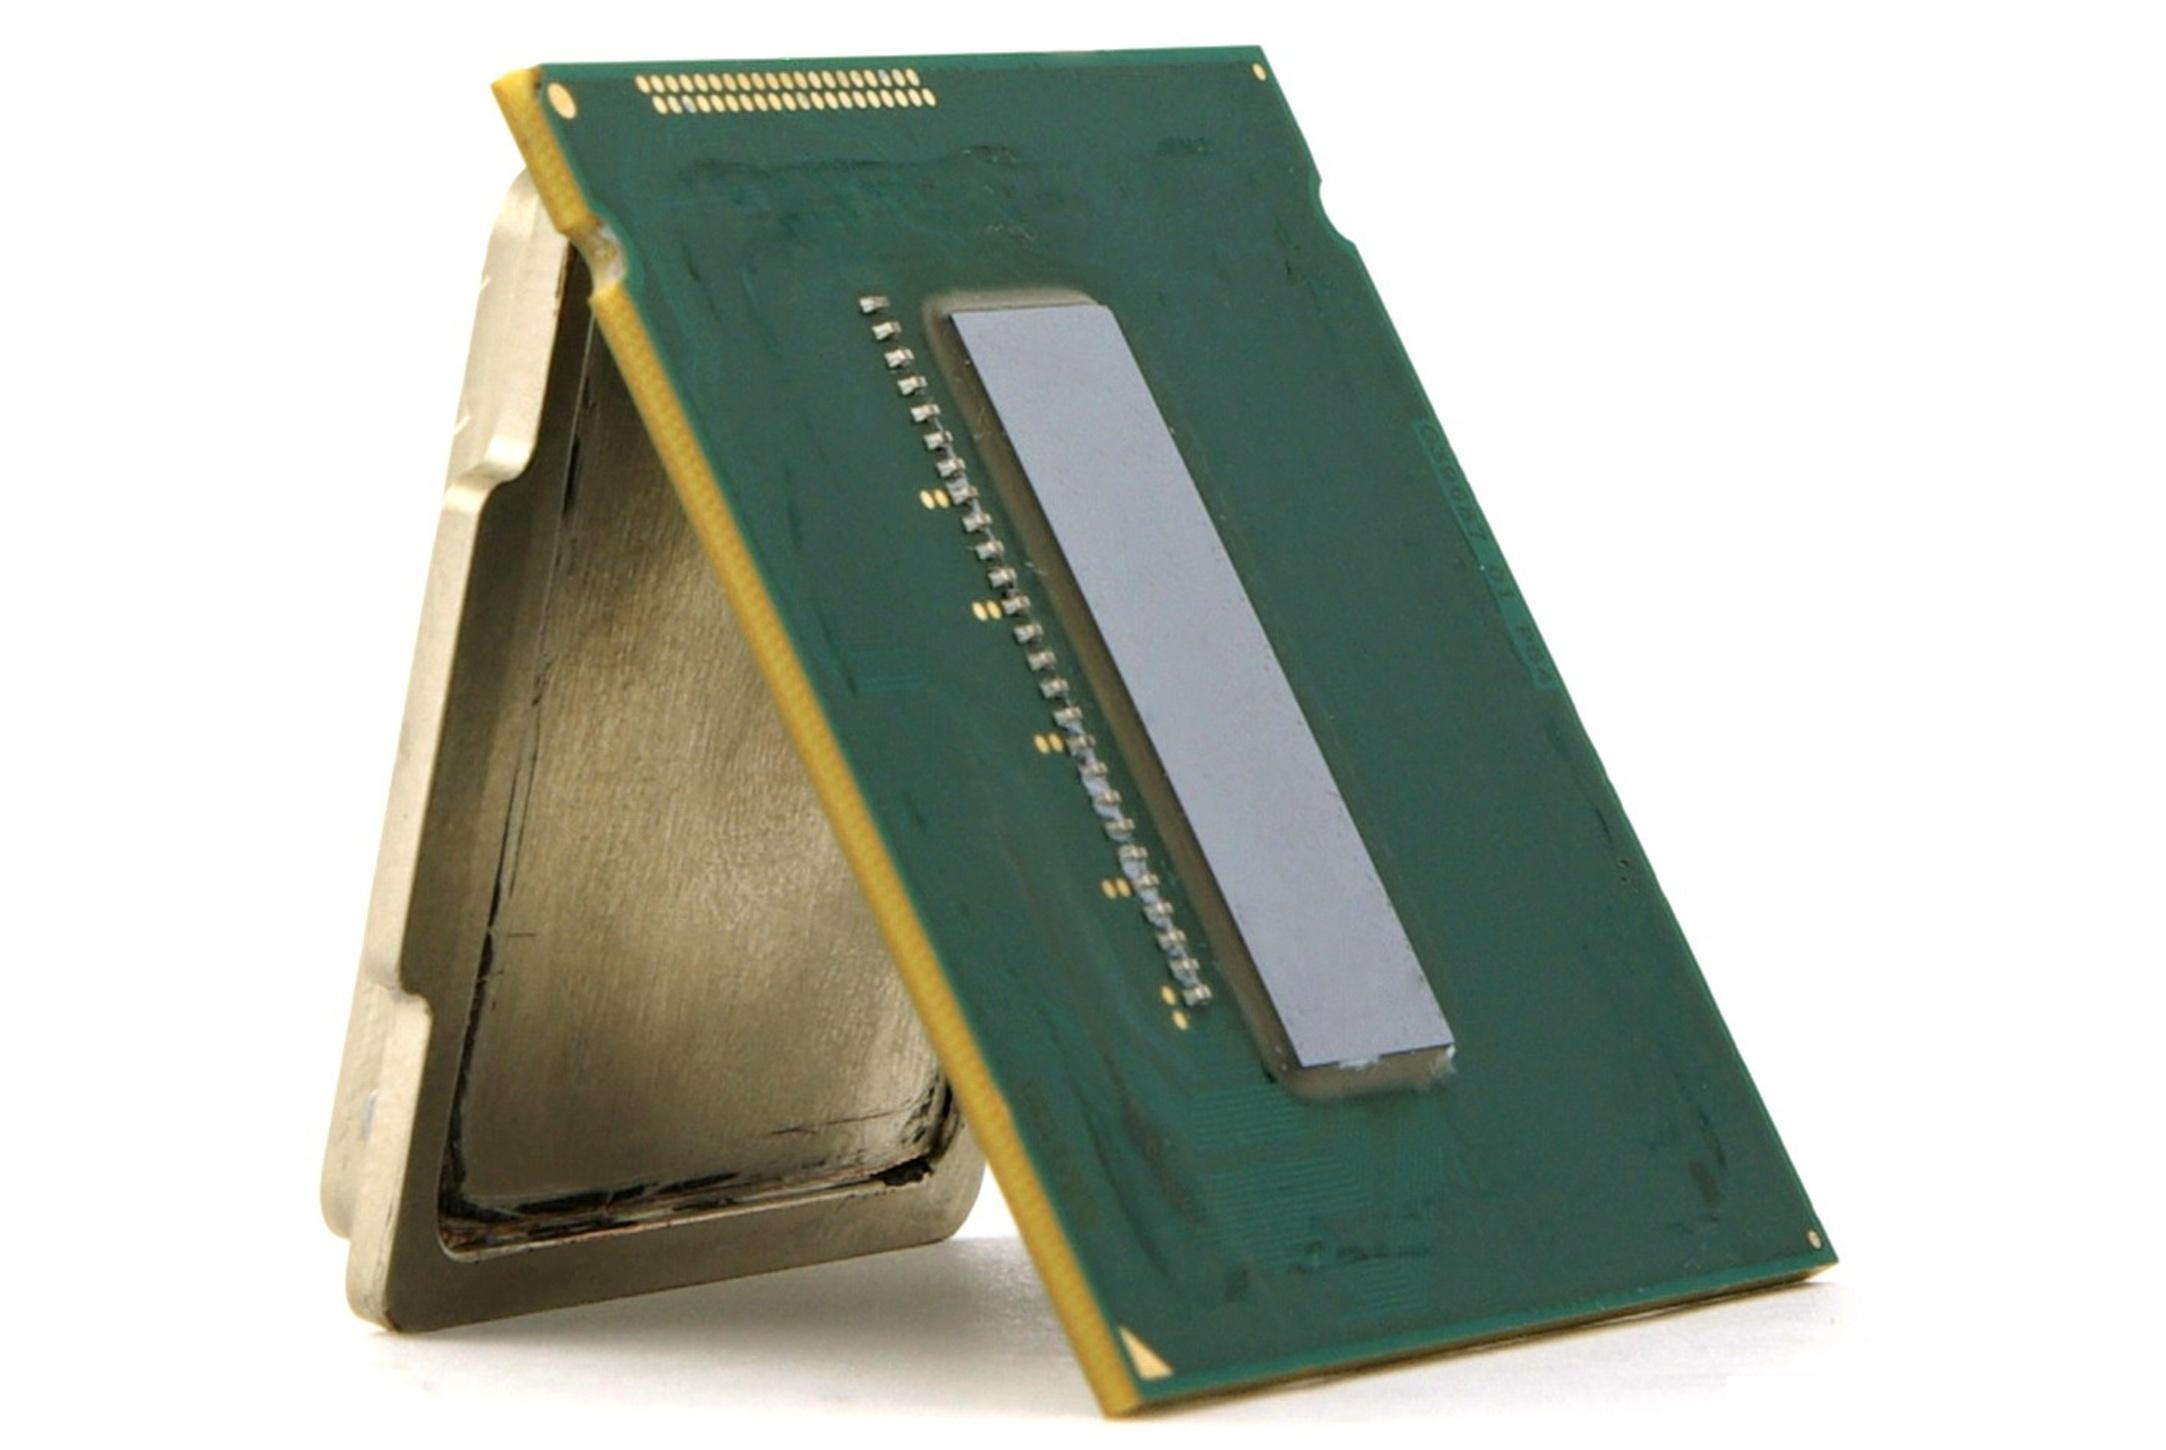 d9a08a93c V žiadnom prípade to však neberte ako návod. Nejde ani tak o to, že prídete  o záruku, ale skôr o to, že nie je vylúčené, že pri troche smoly takto  procesor ...